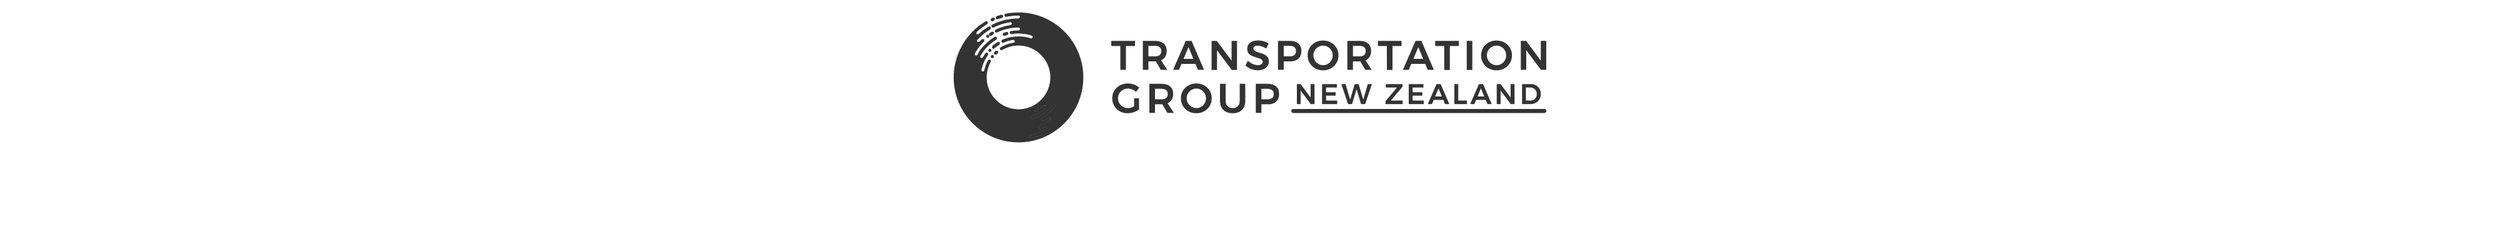 06_TransportationGroupLogo.jpg